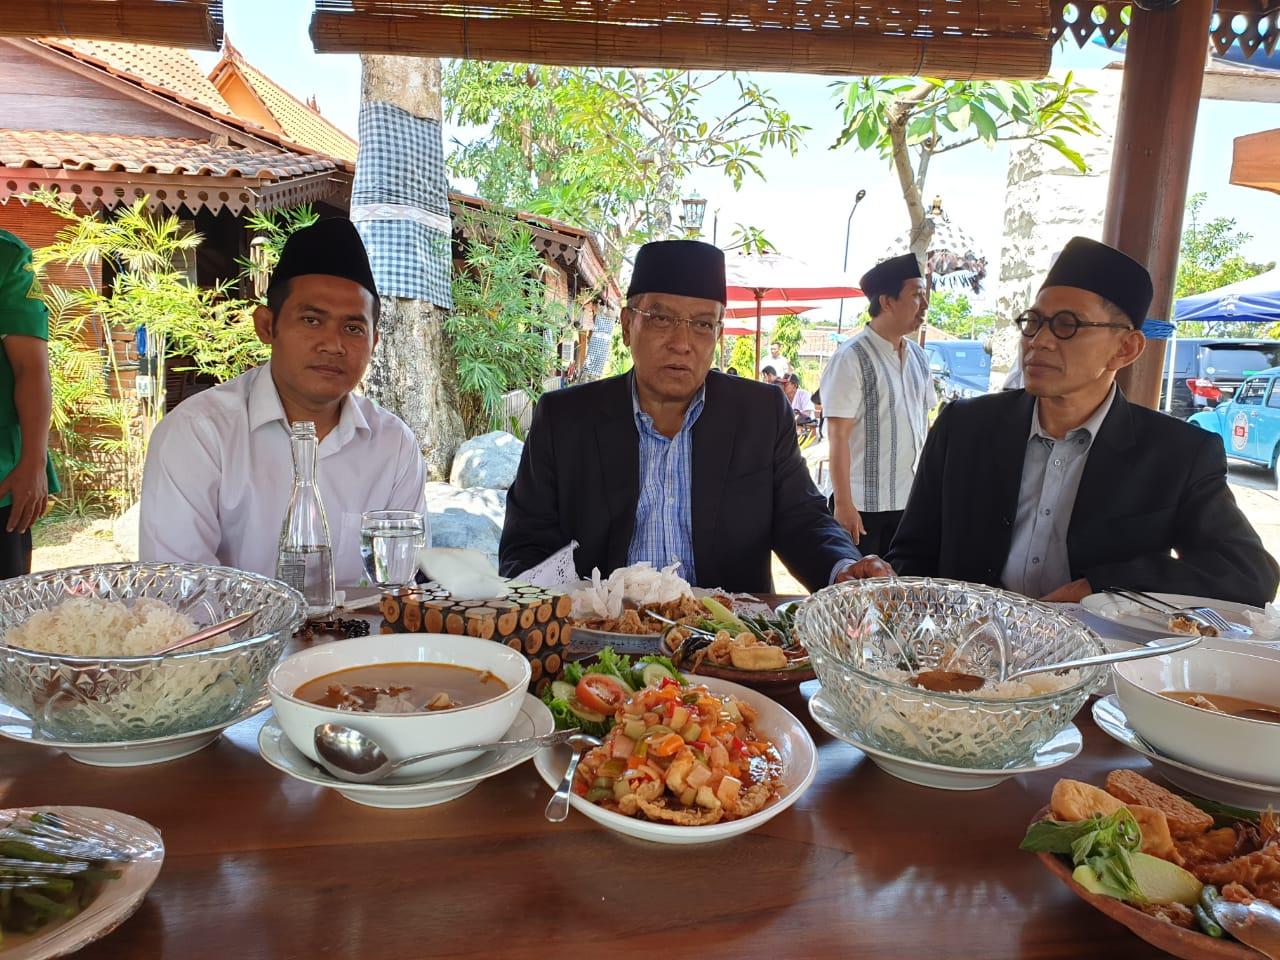 Di Banyuwangi, KH. Said Aqil Nikmati Kudapan Khas Banyuwangi